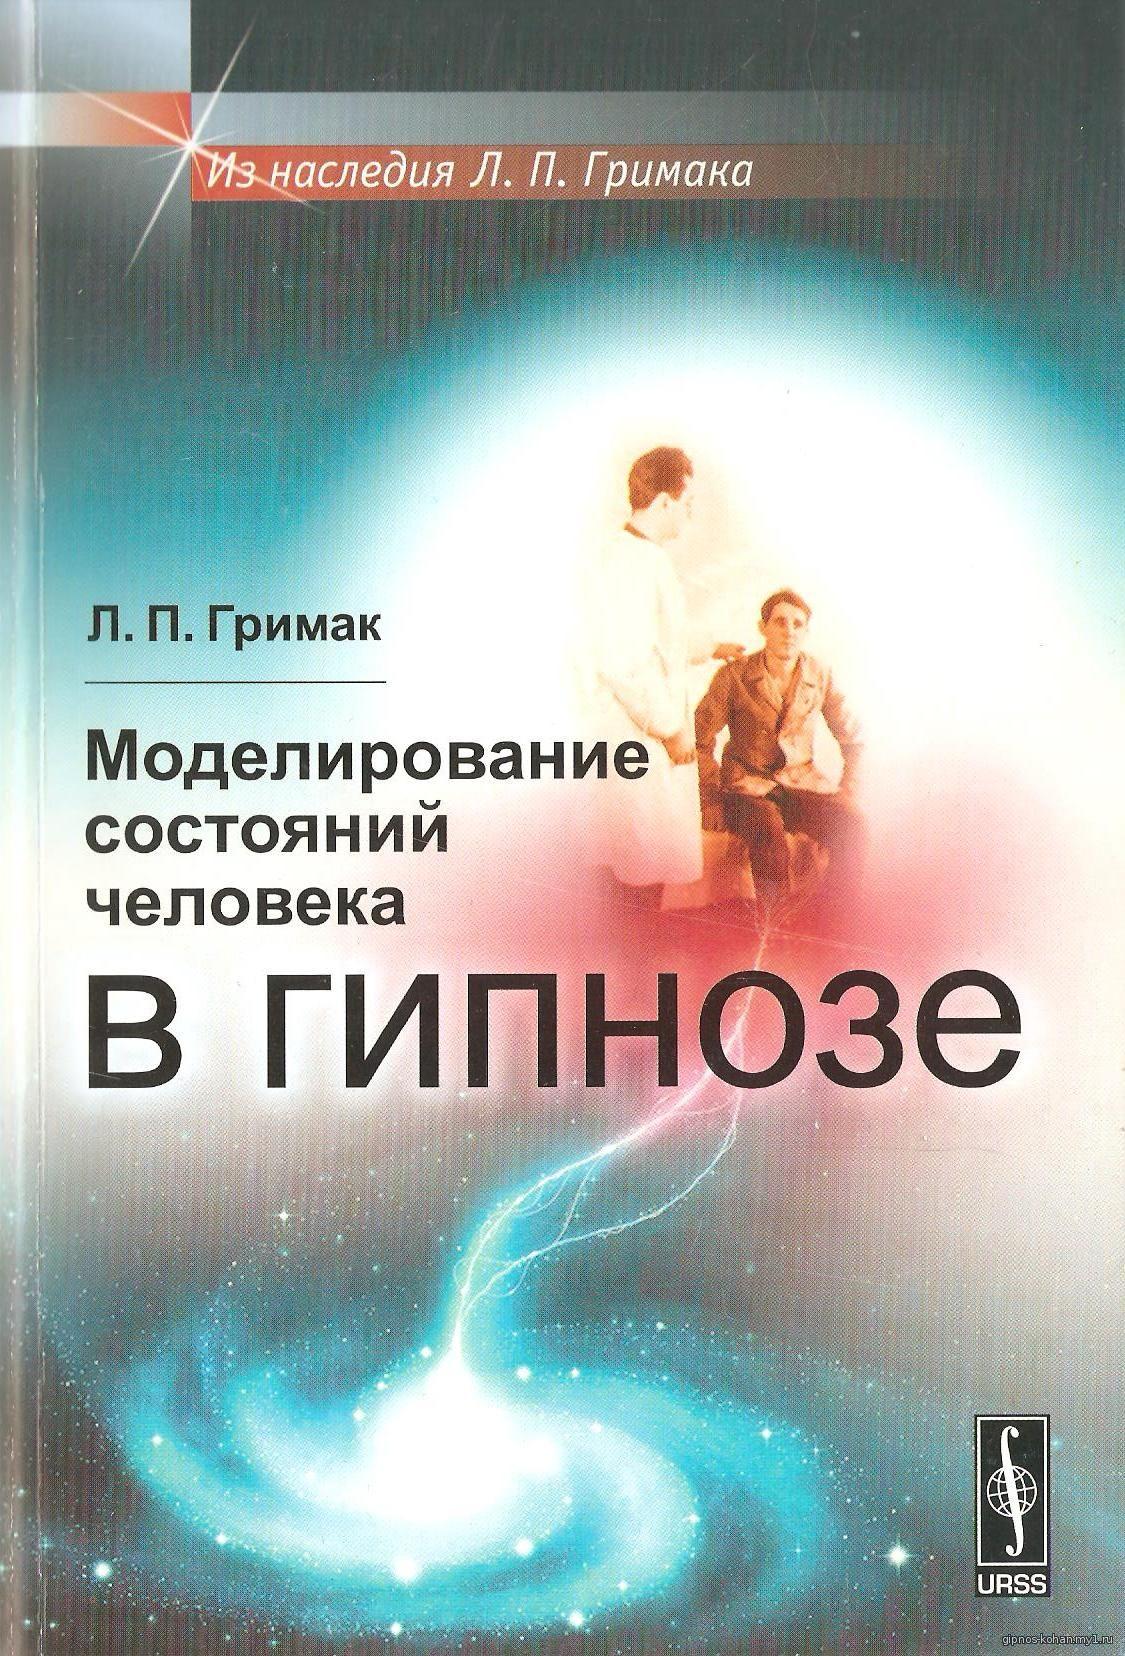 Фемдом аудио гипноз на русском языке 22 фотография